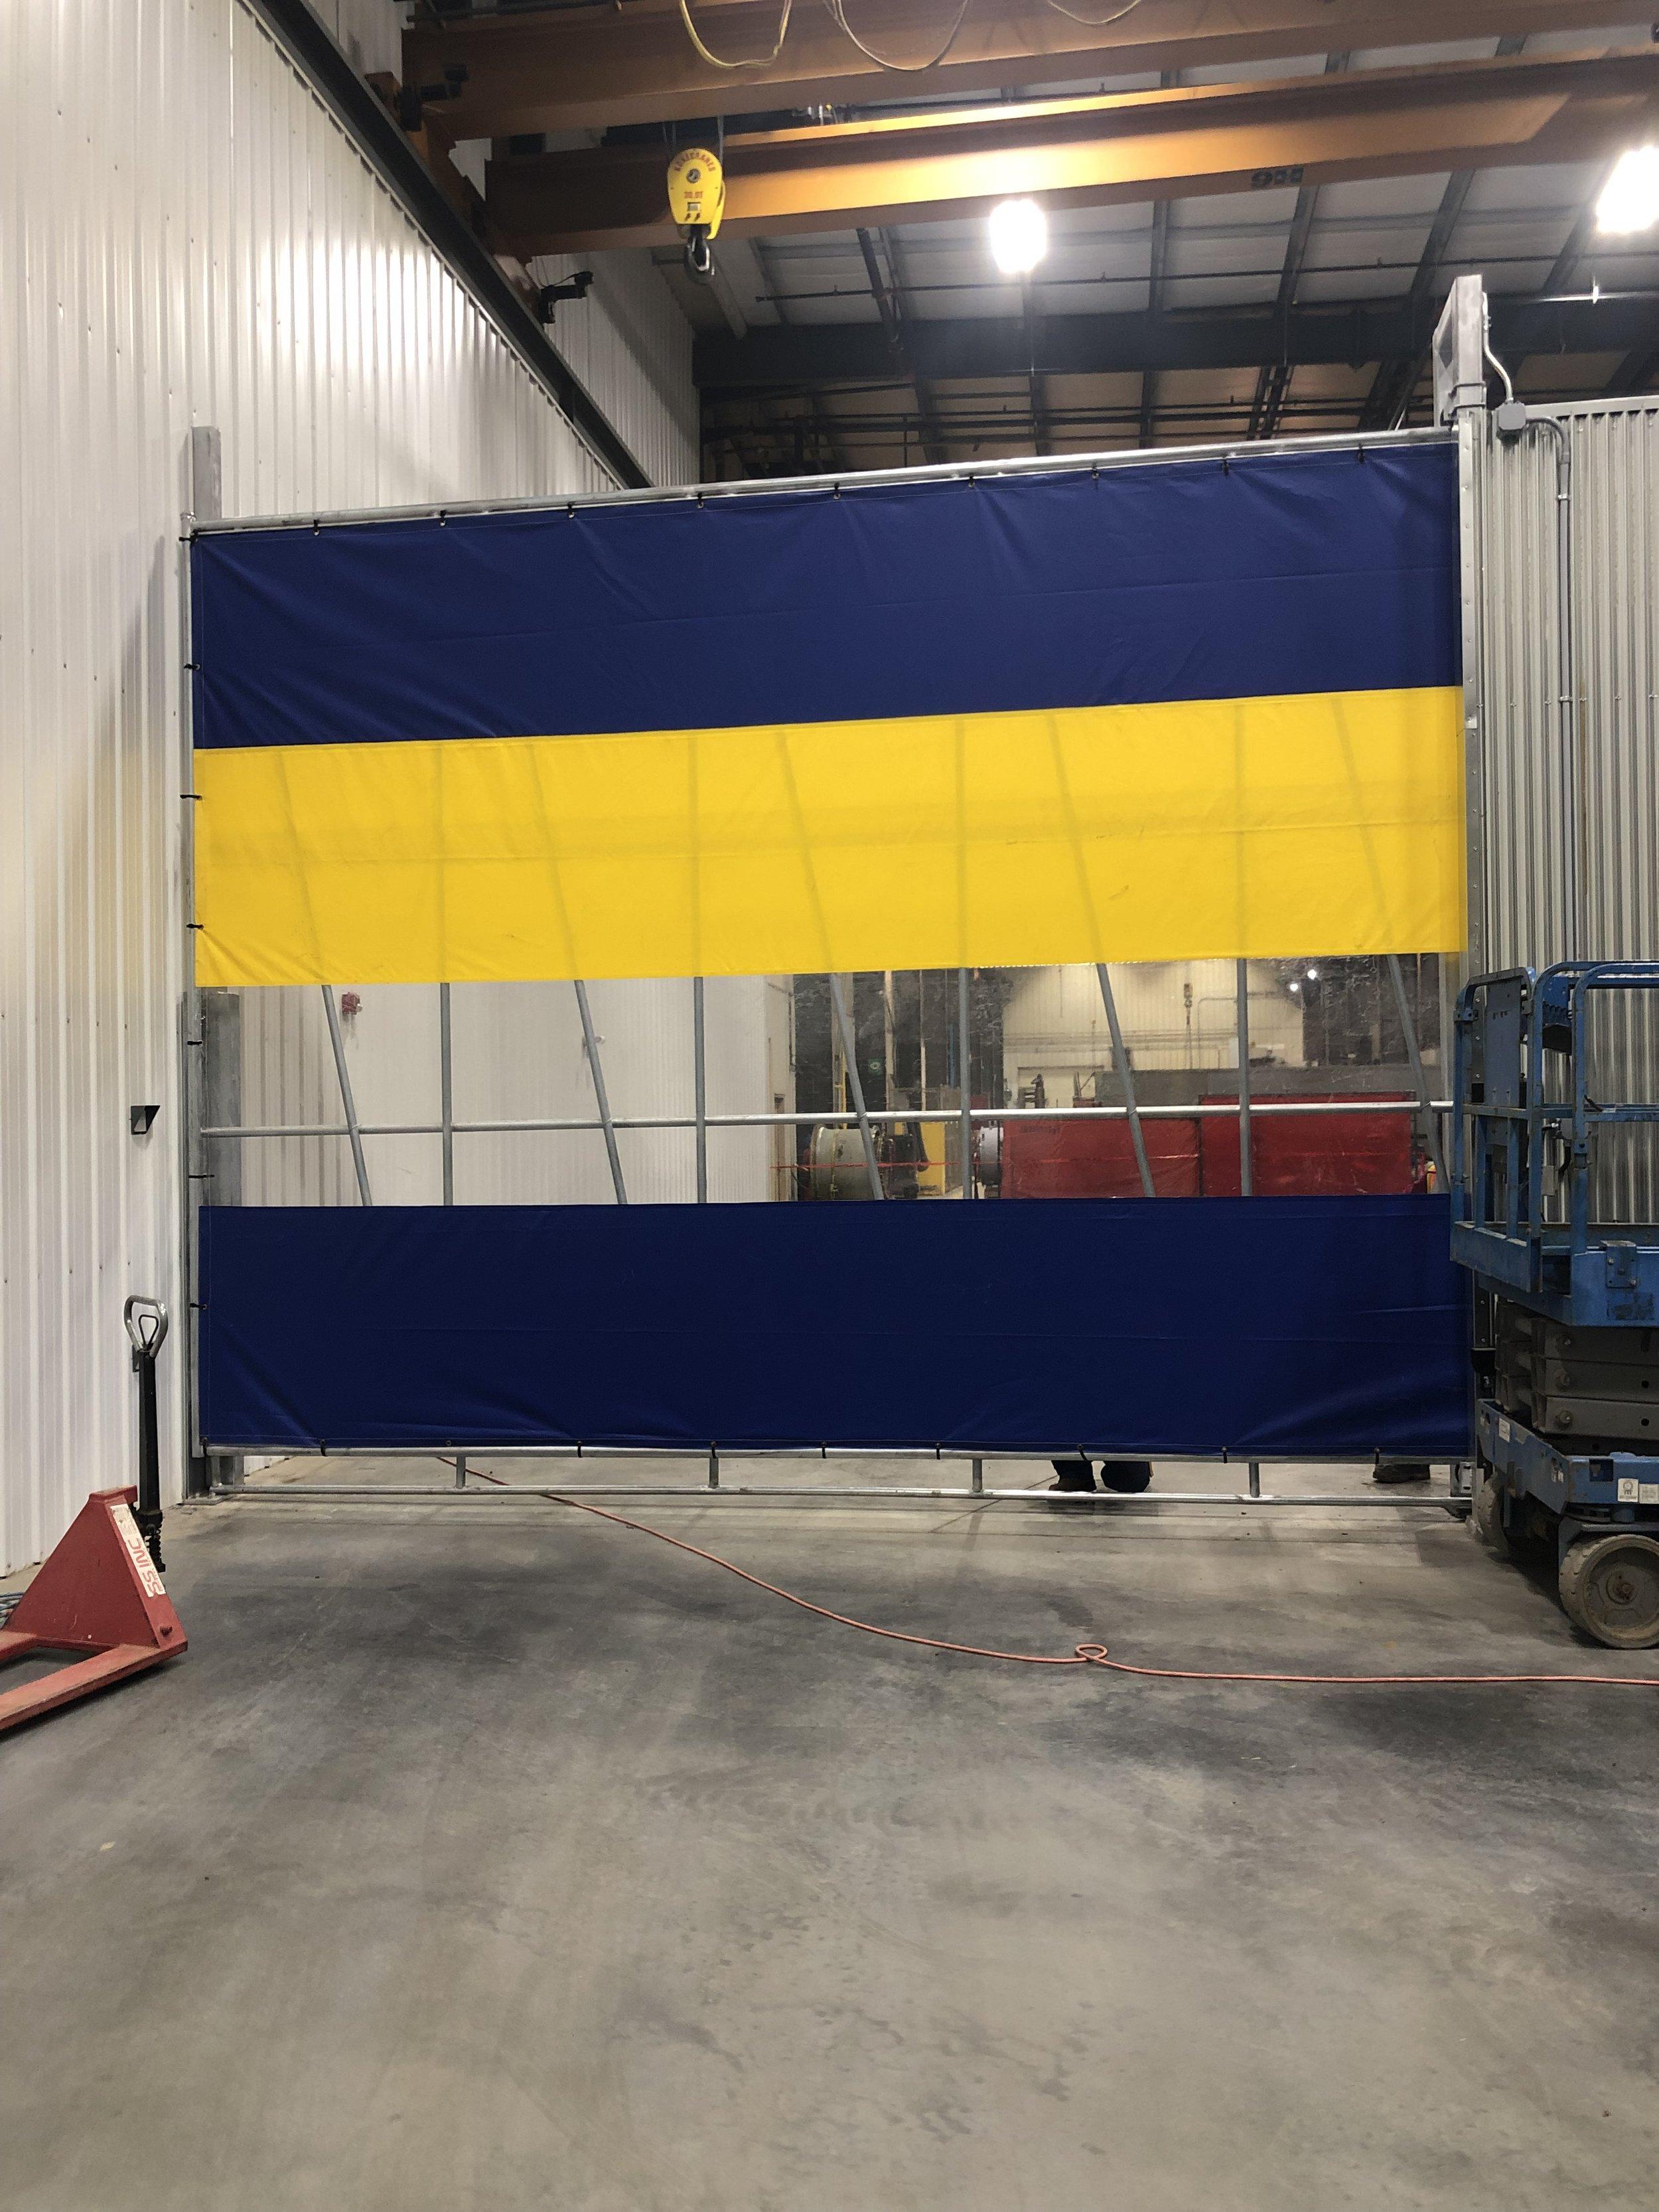 new wash bay curtain.jpg